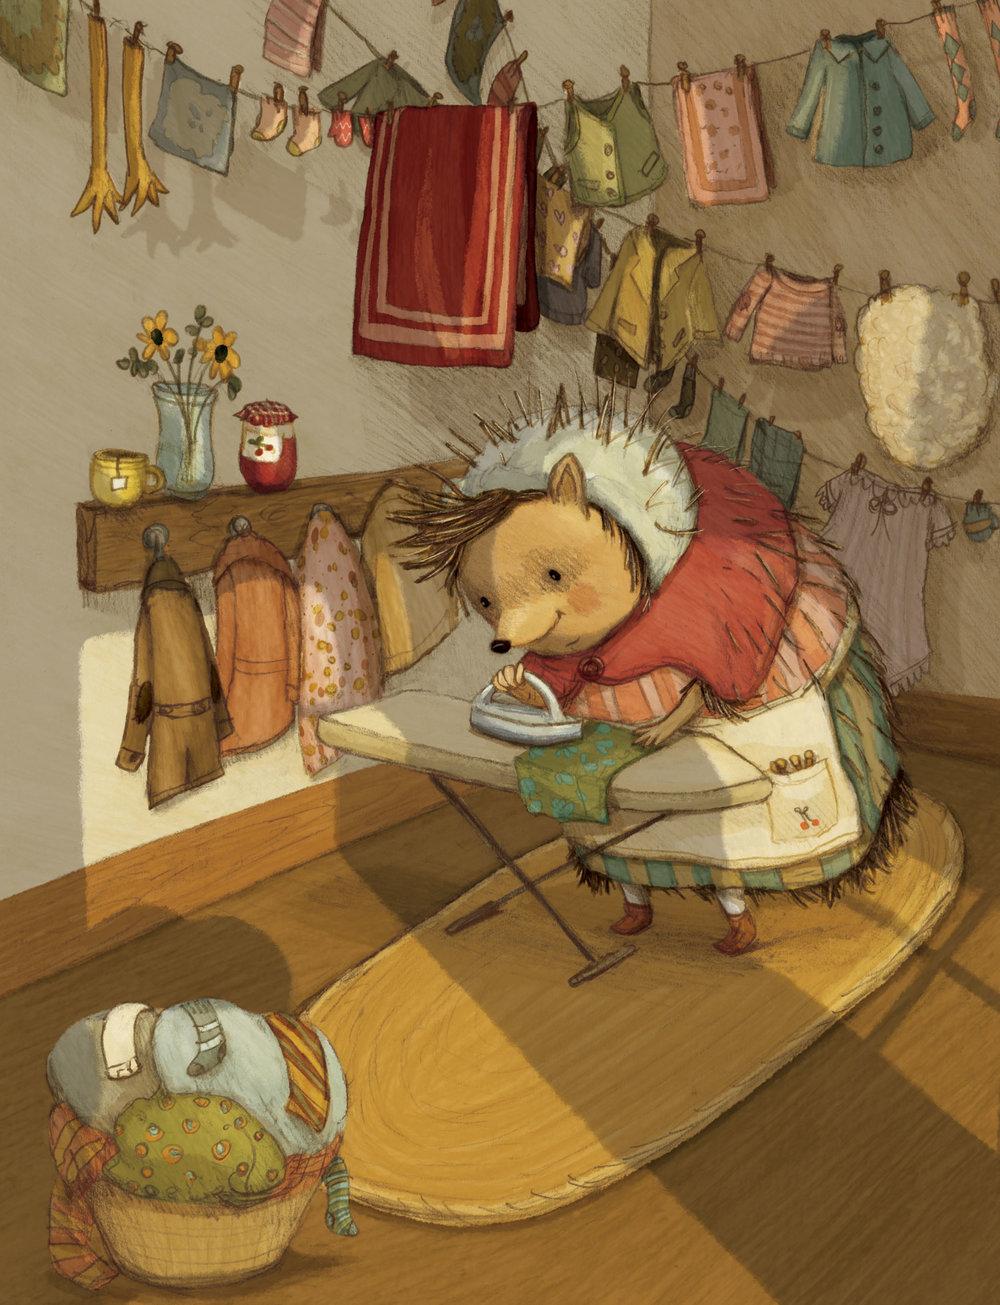 Mrs. Tiggy-Winkle: A Celebration of Beatrix Potter